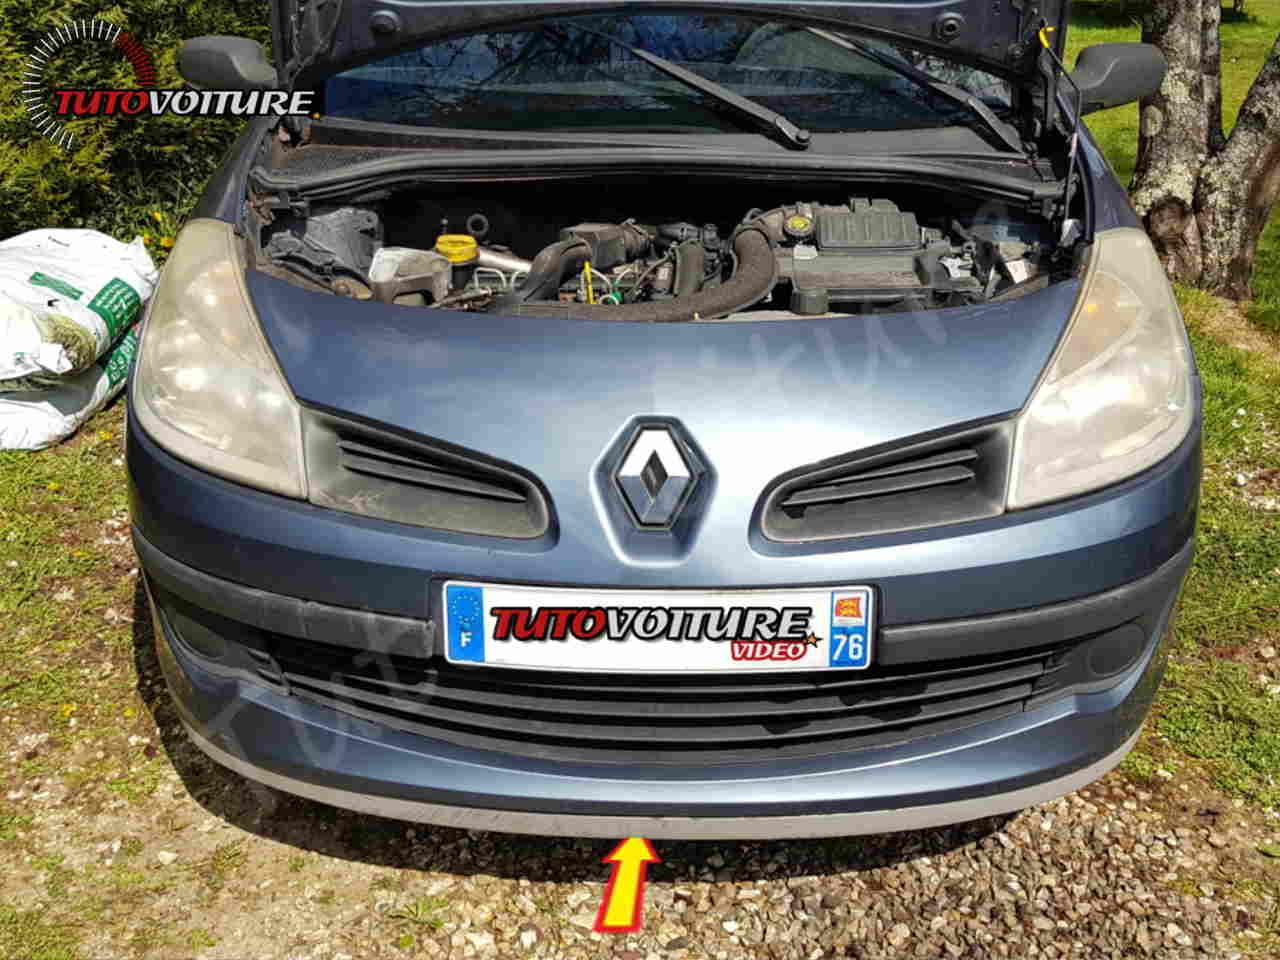 Trouver les vis du pare-chocs avant Renault Clio 3